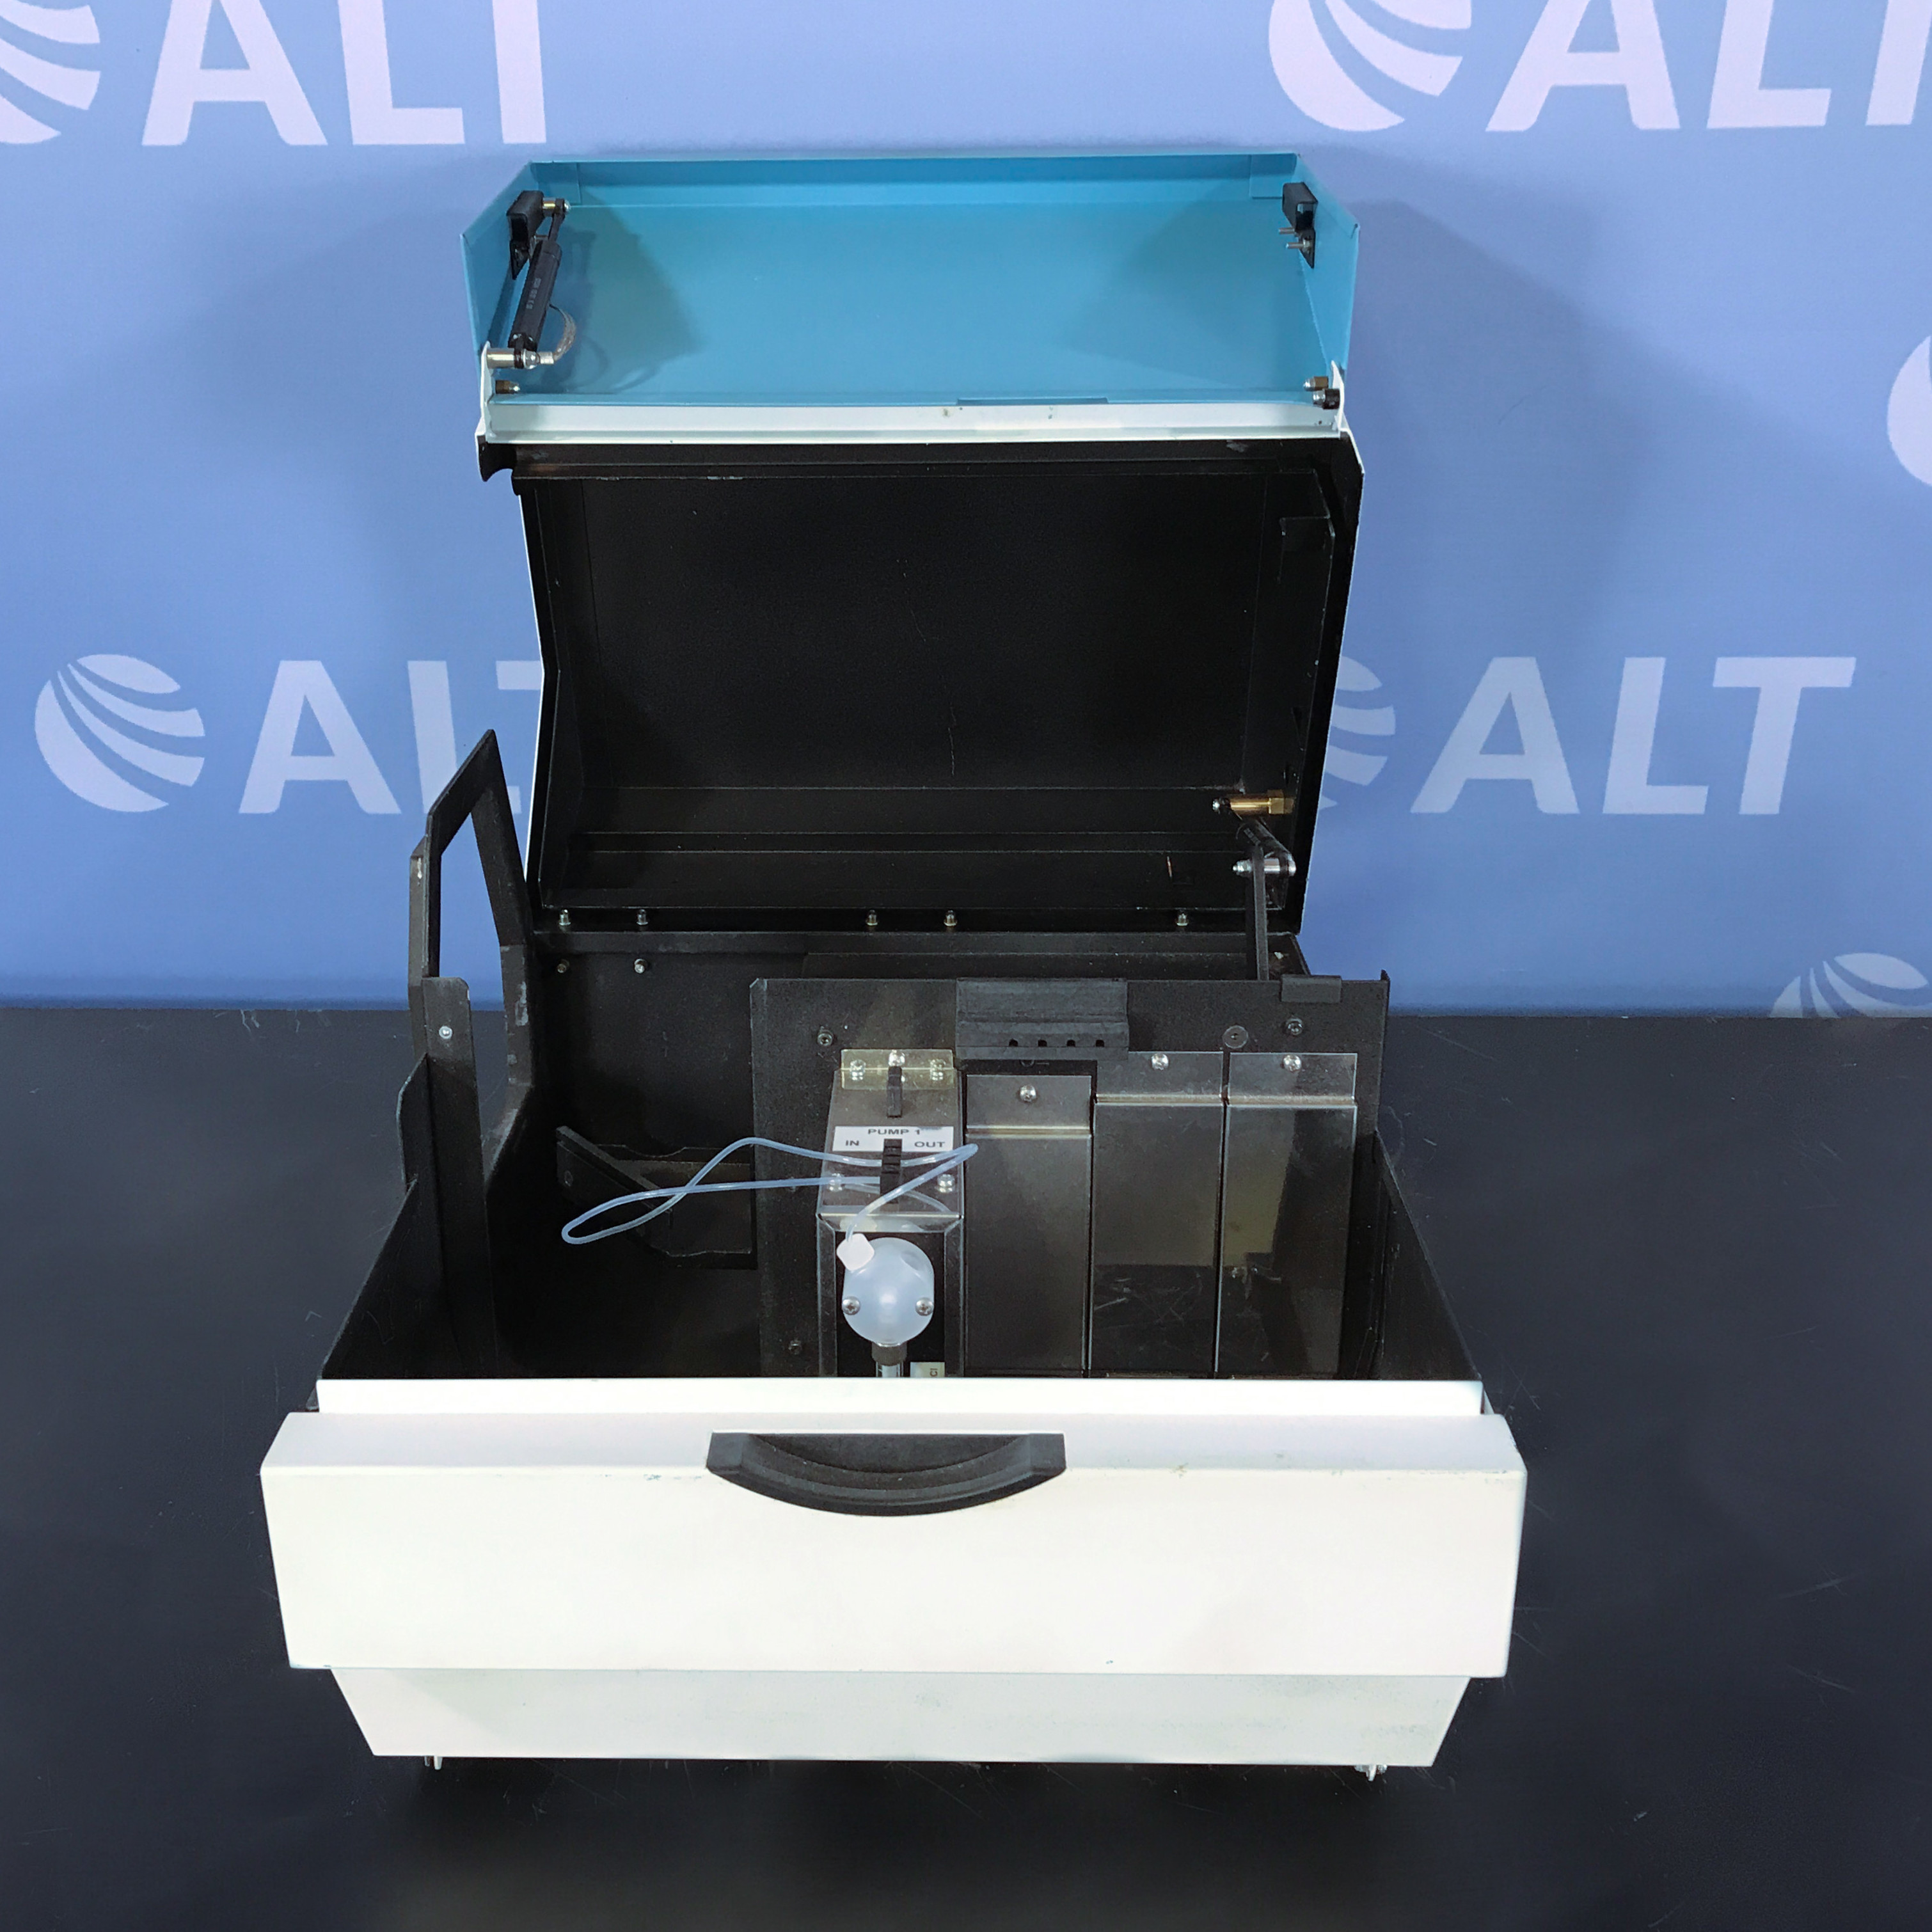 PerkinElmer/Wallac Liquid Injector 1420-251 Image